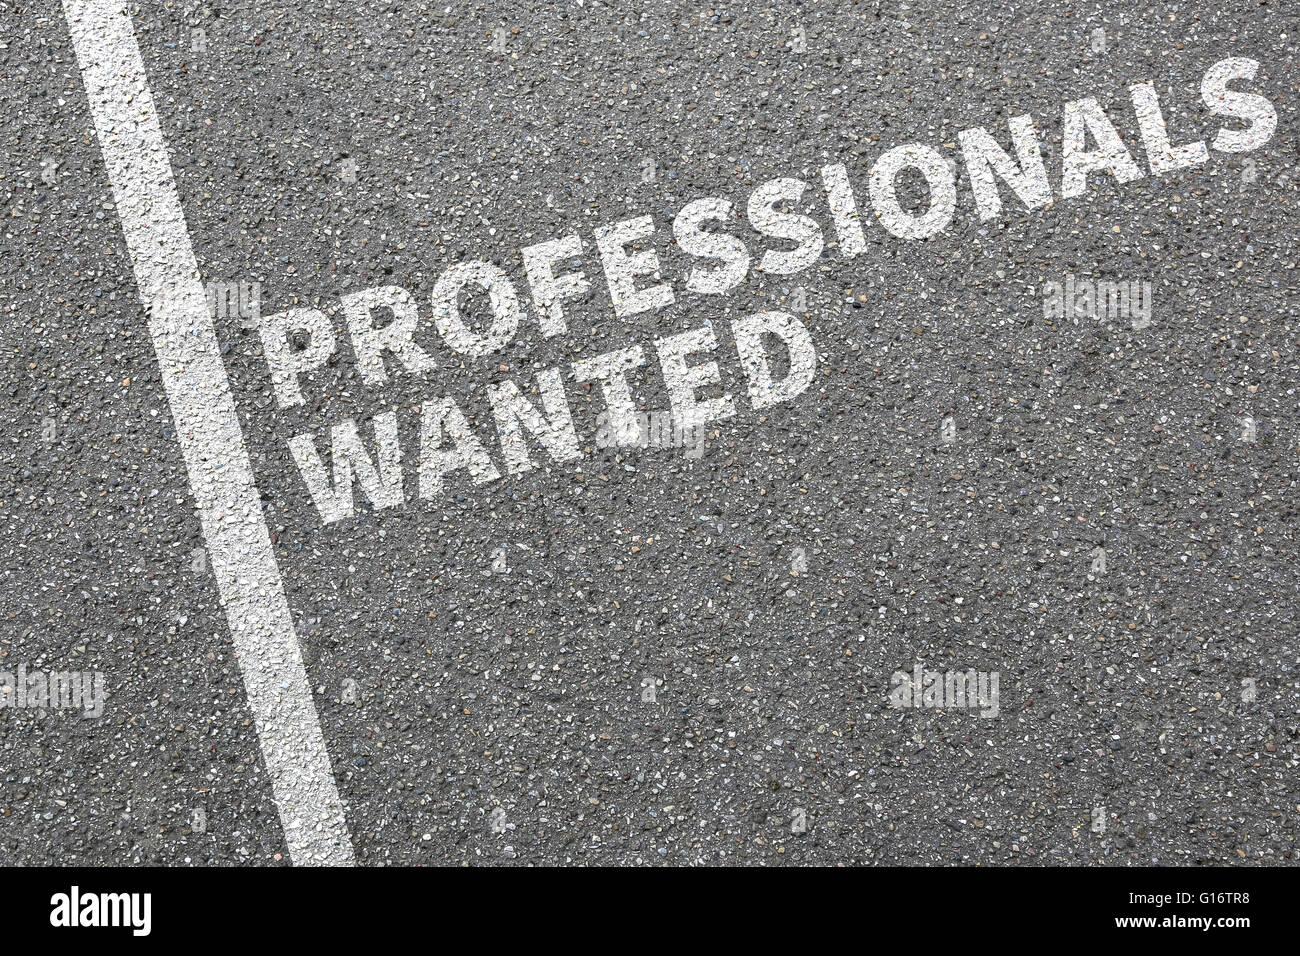 Professionisti ha voluto processi, processo di lavoro professionale assunzione dipendenti concetto aziendale Immagini Stock